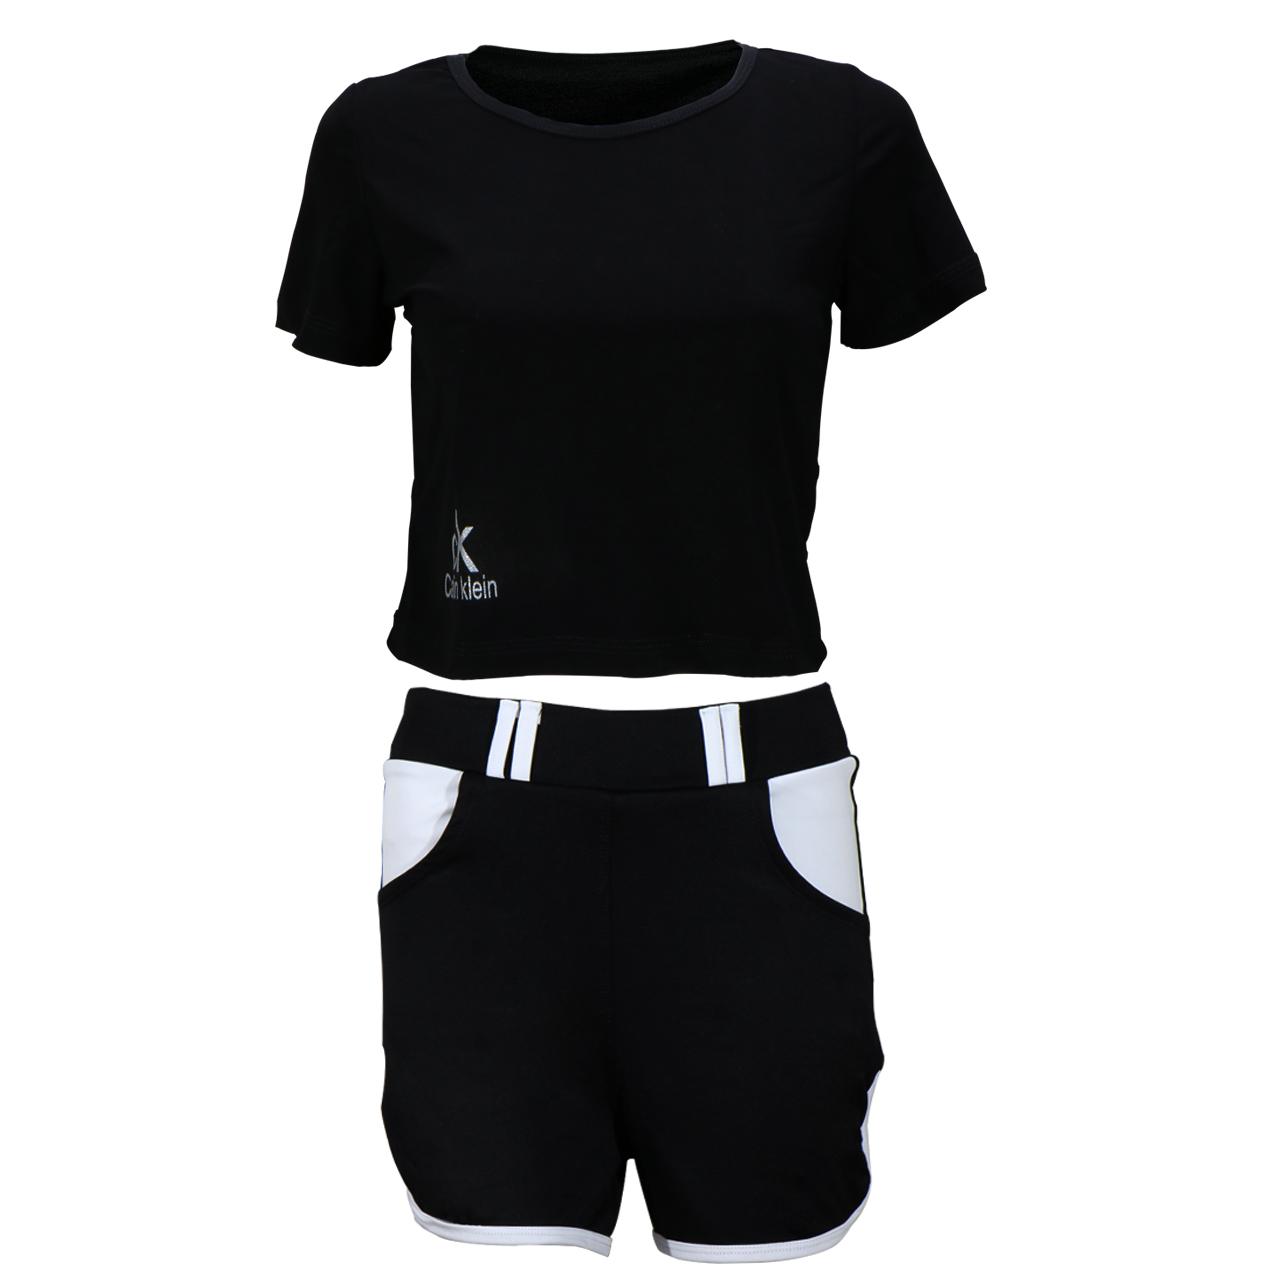 ست تیشرت و شلوارک ورزشی زنانه کد B005